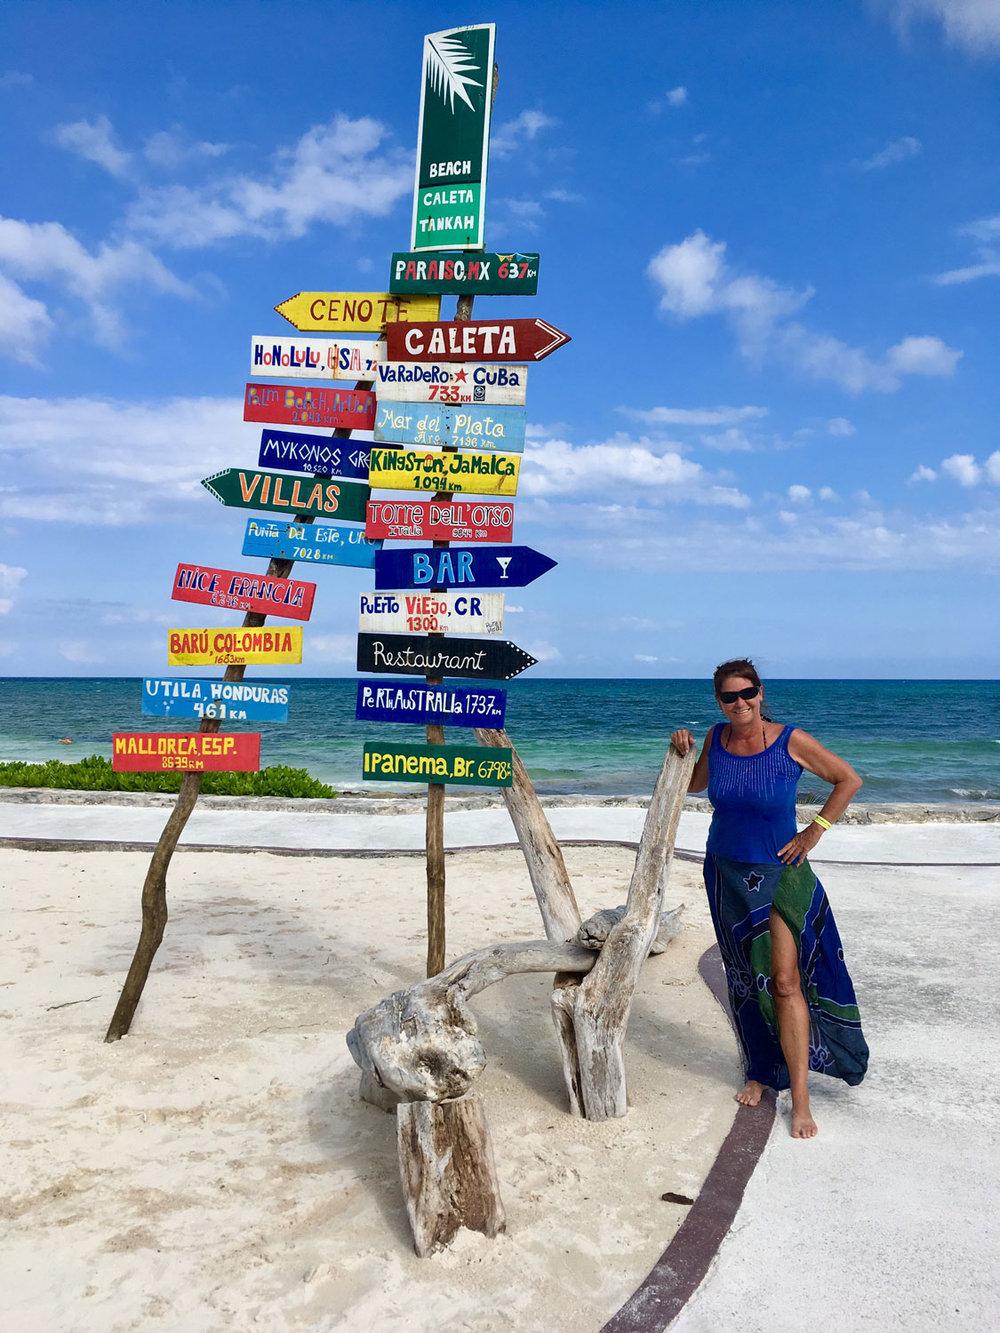 Hammocks_and_Ruins_Riviera_Maya_What_to_Do_Tulum_Beaches_Caleta_Tankah_57.jpg